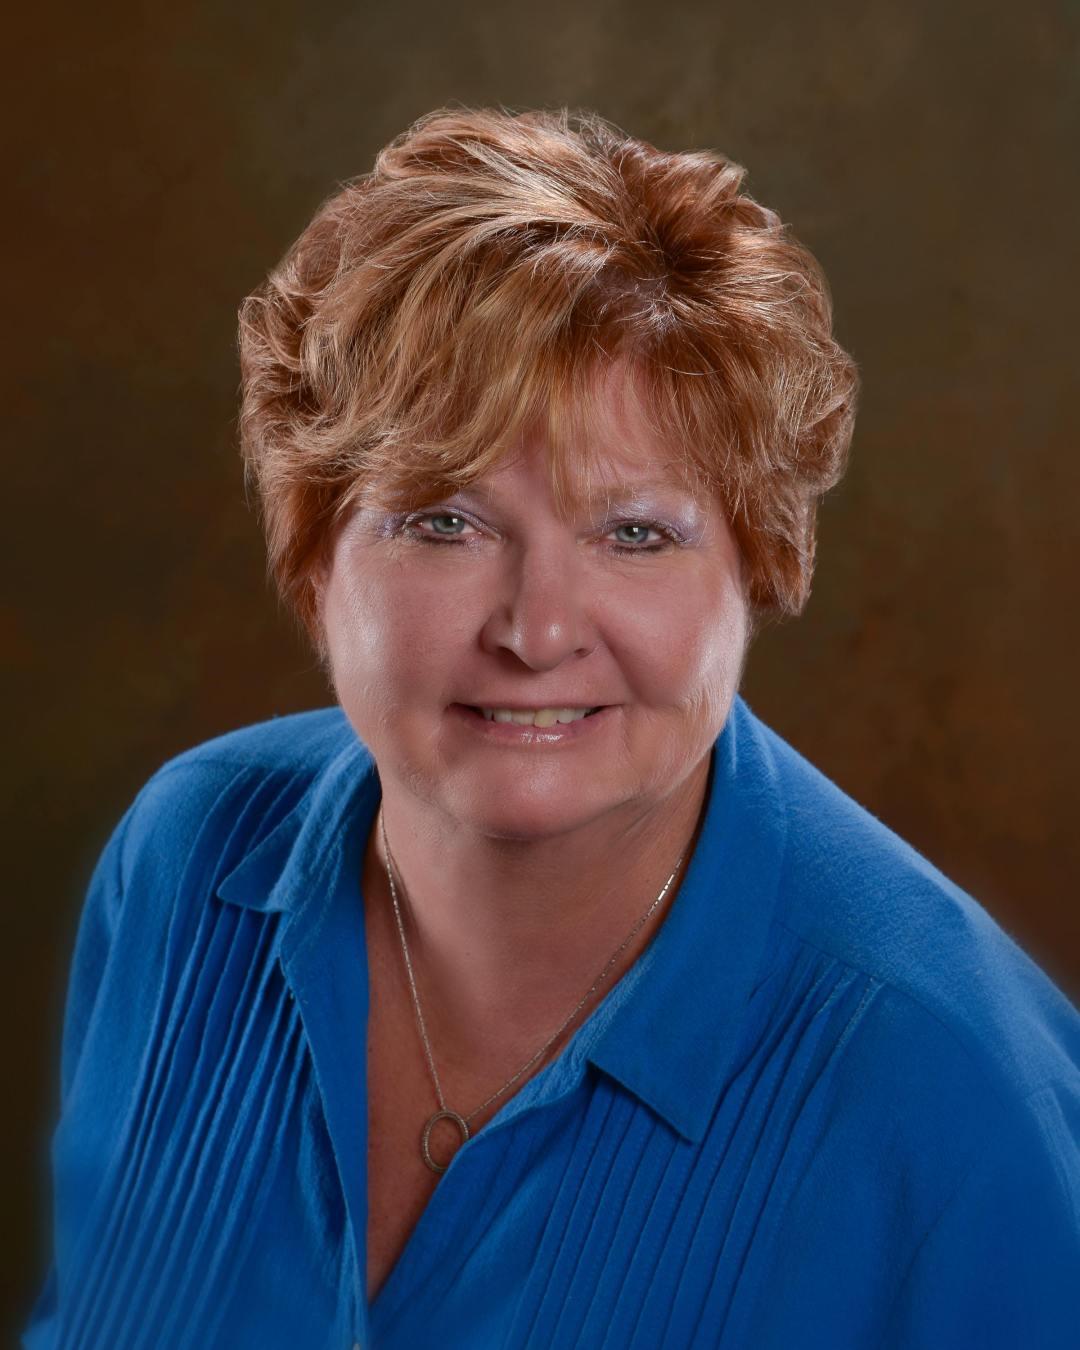 Cindy Duffer Matern